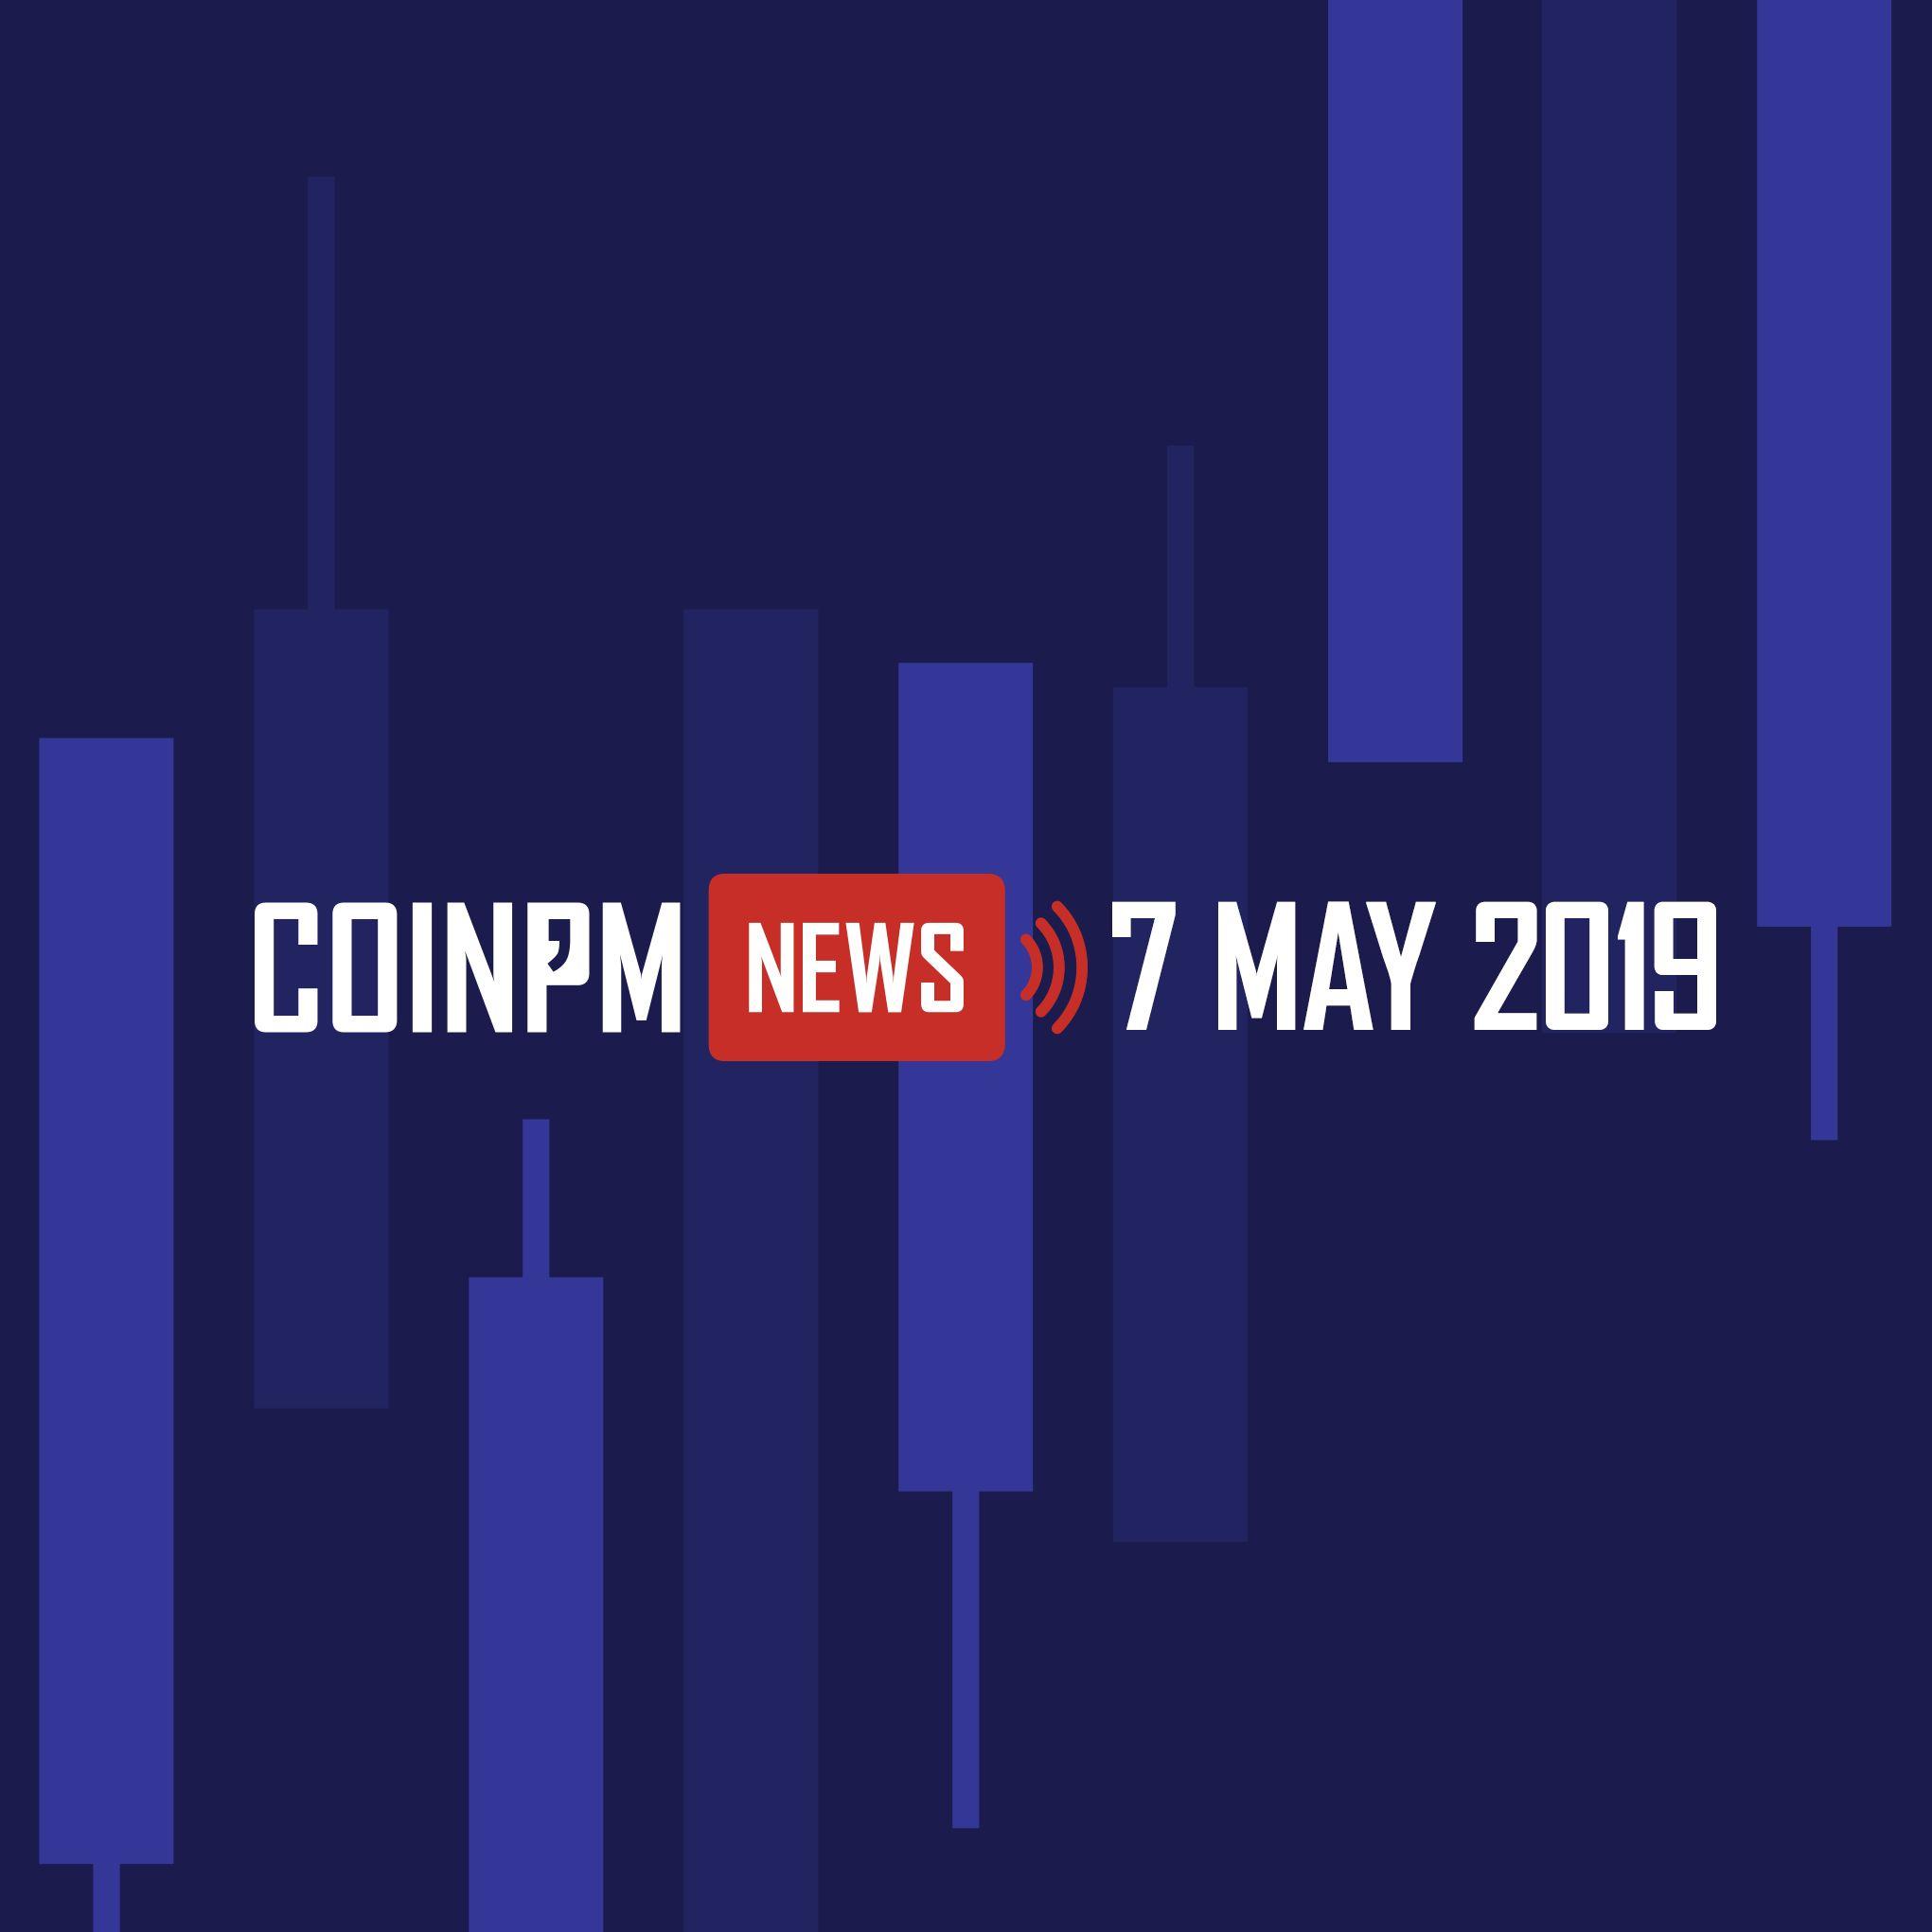 7th May 2019